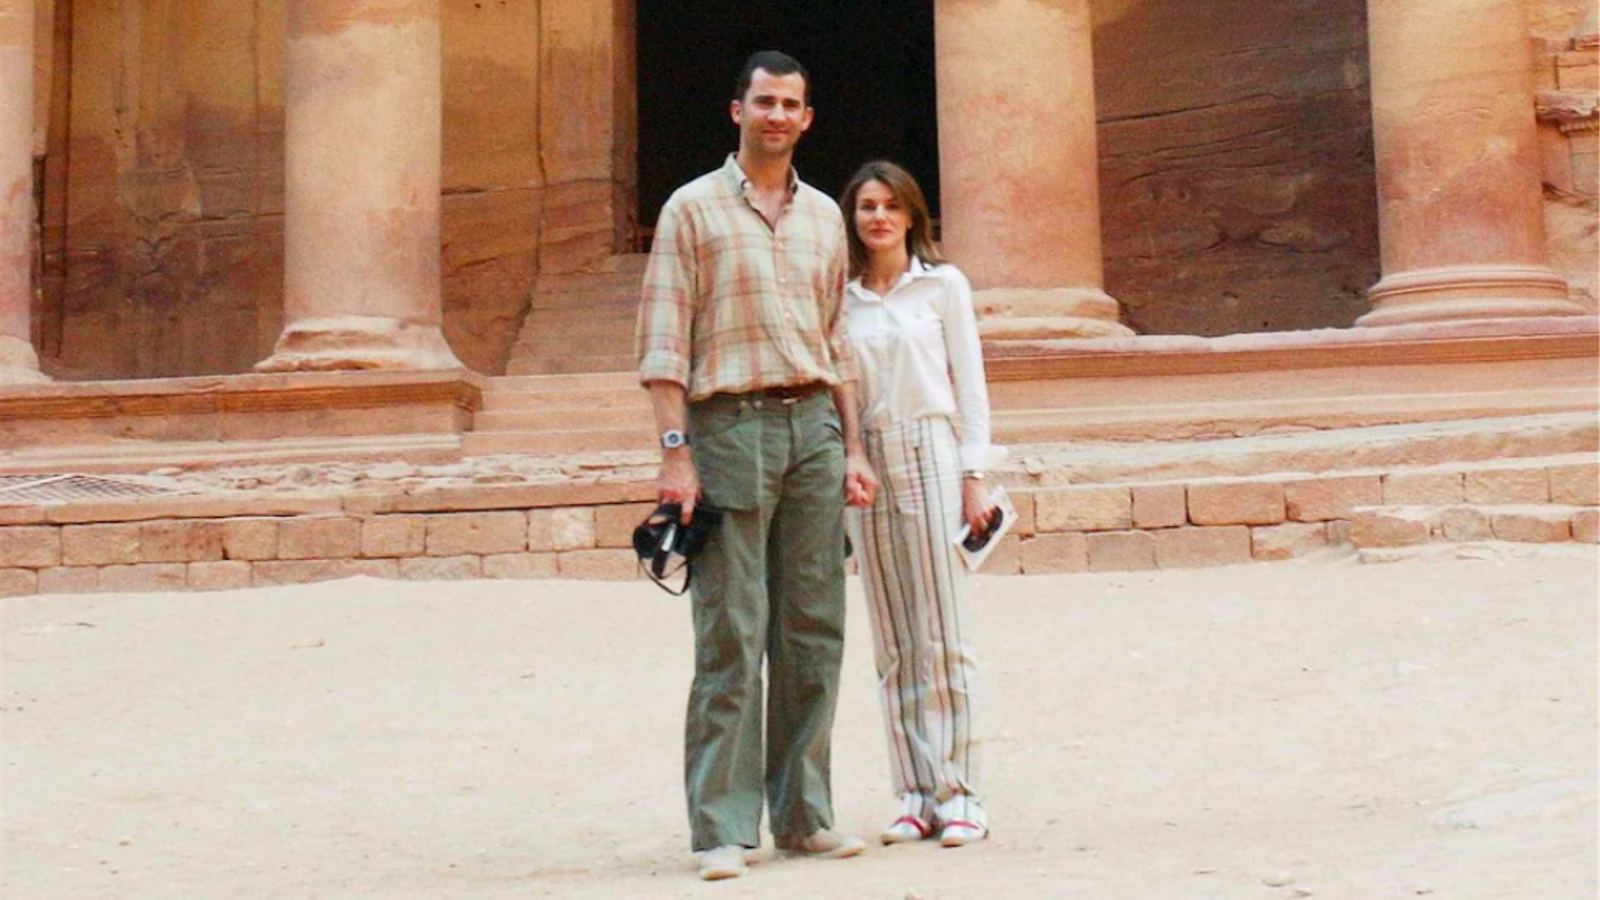 El rei Felip VI i la seva dona, Letícia, en una imatge del 2004, durant una visita a Petra, com a part del seu viatge de noces / SHUTTERSTOCK